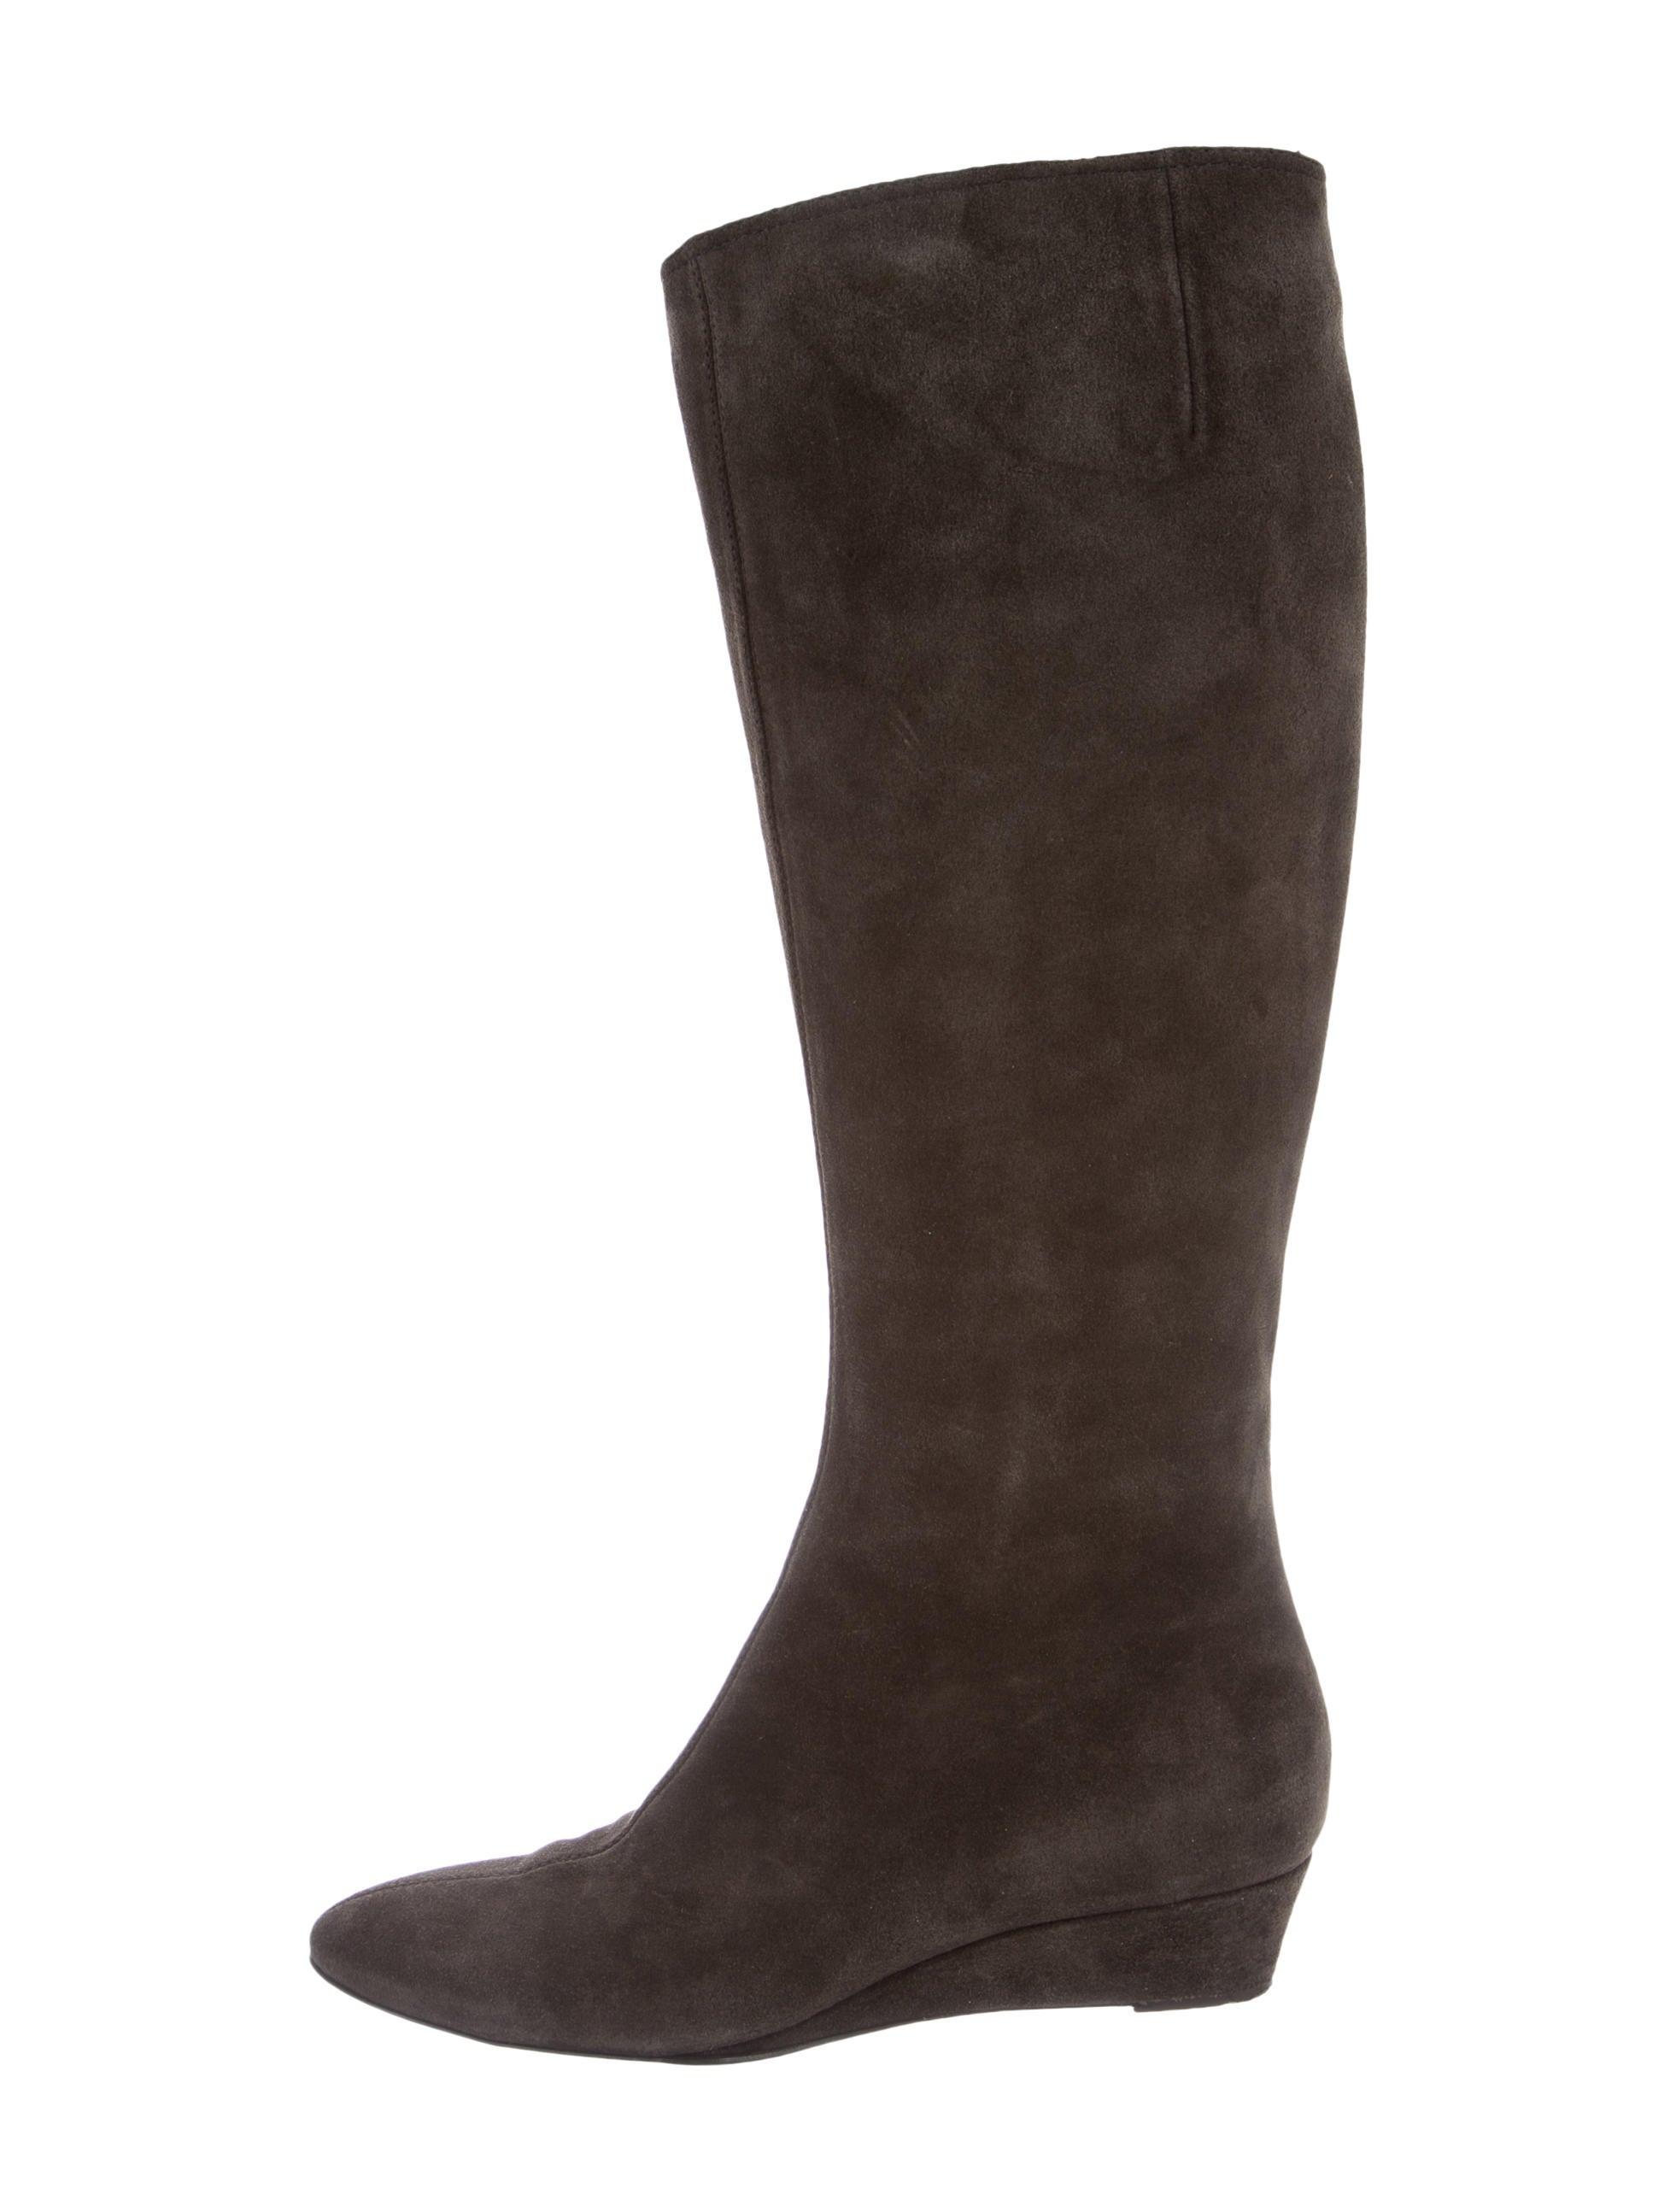 giuseppe zanotti suede knee high boots shoes giu35663